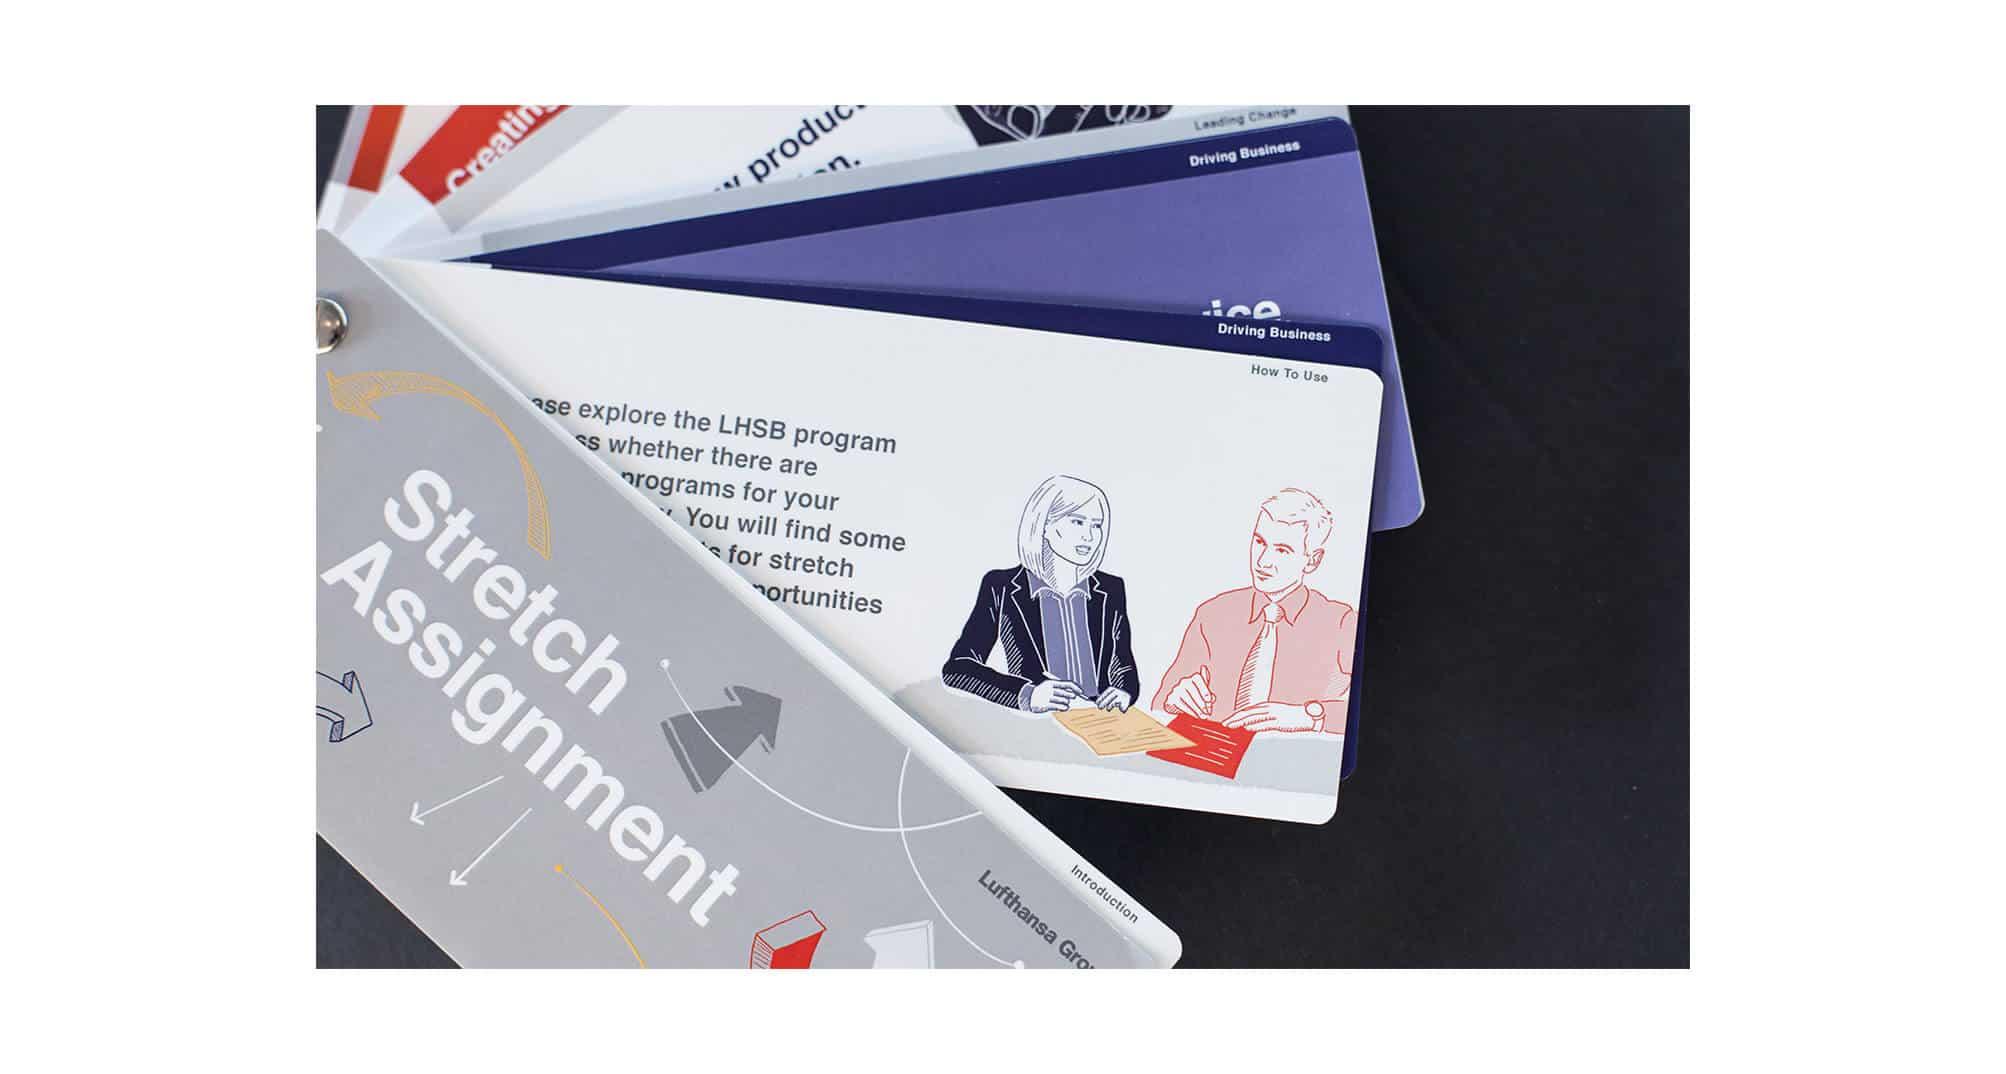 360VIER_Lufthansa_Case-Study_Slider-07 Deutsche Lufthansa AG